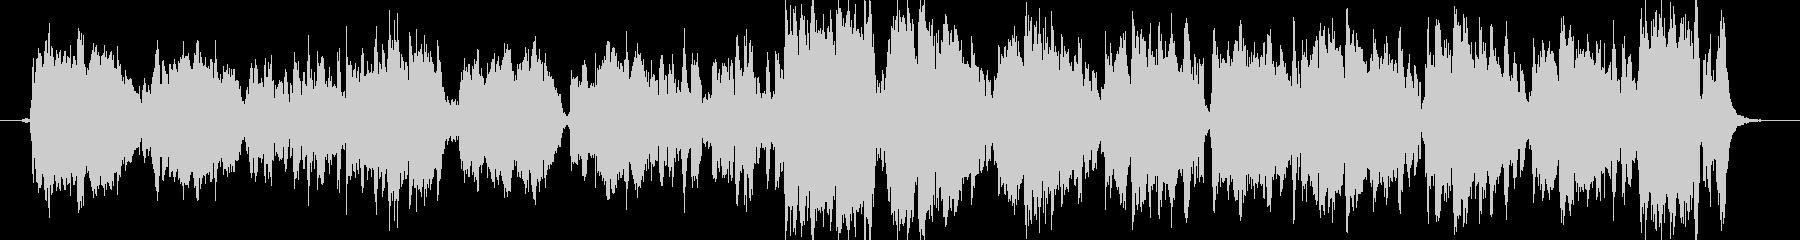 ジャズテイストの花のワルツの未再生の波形